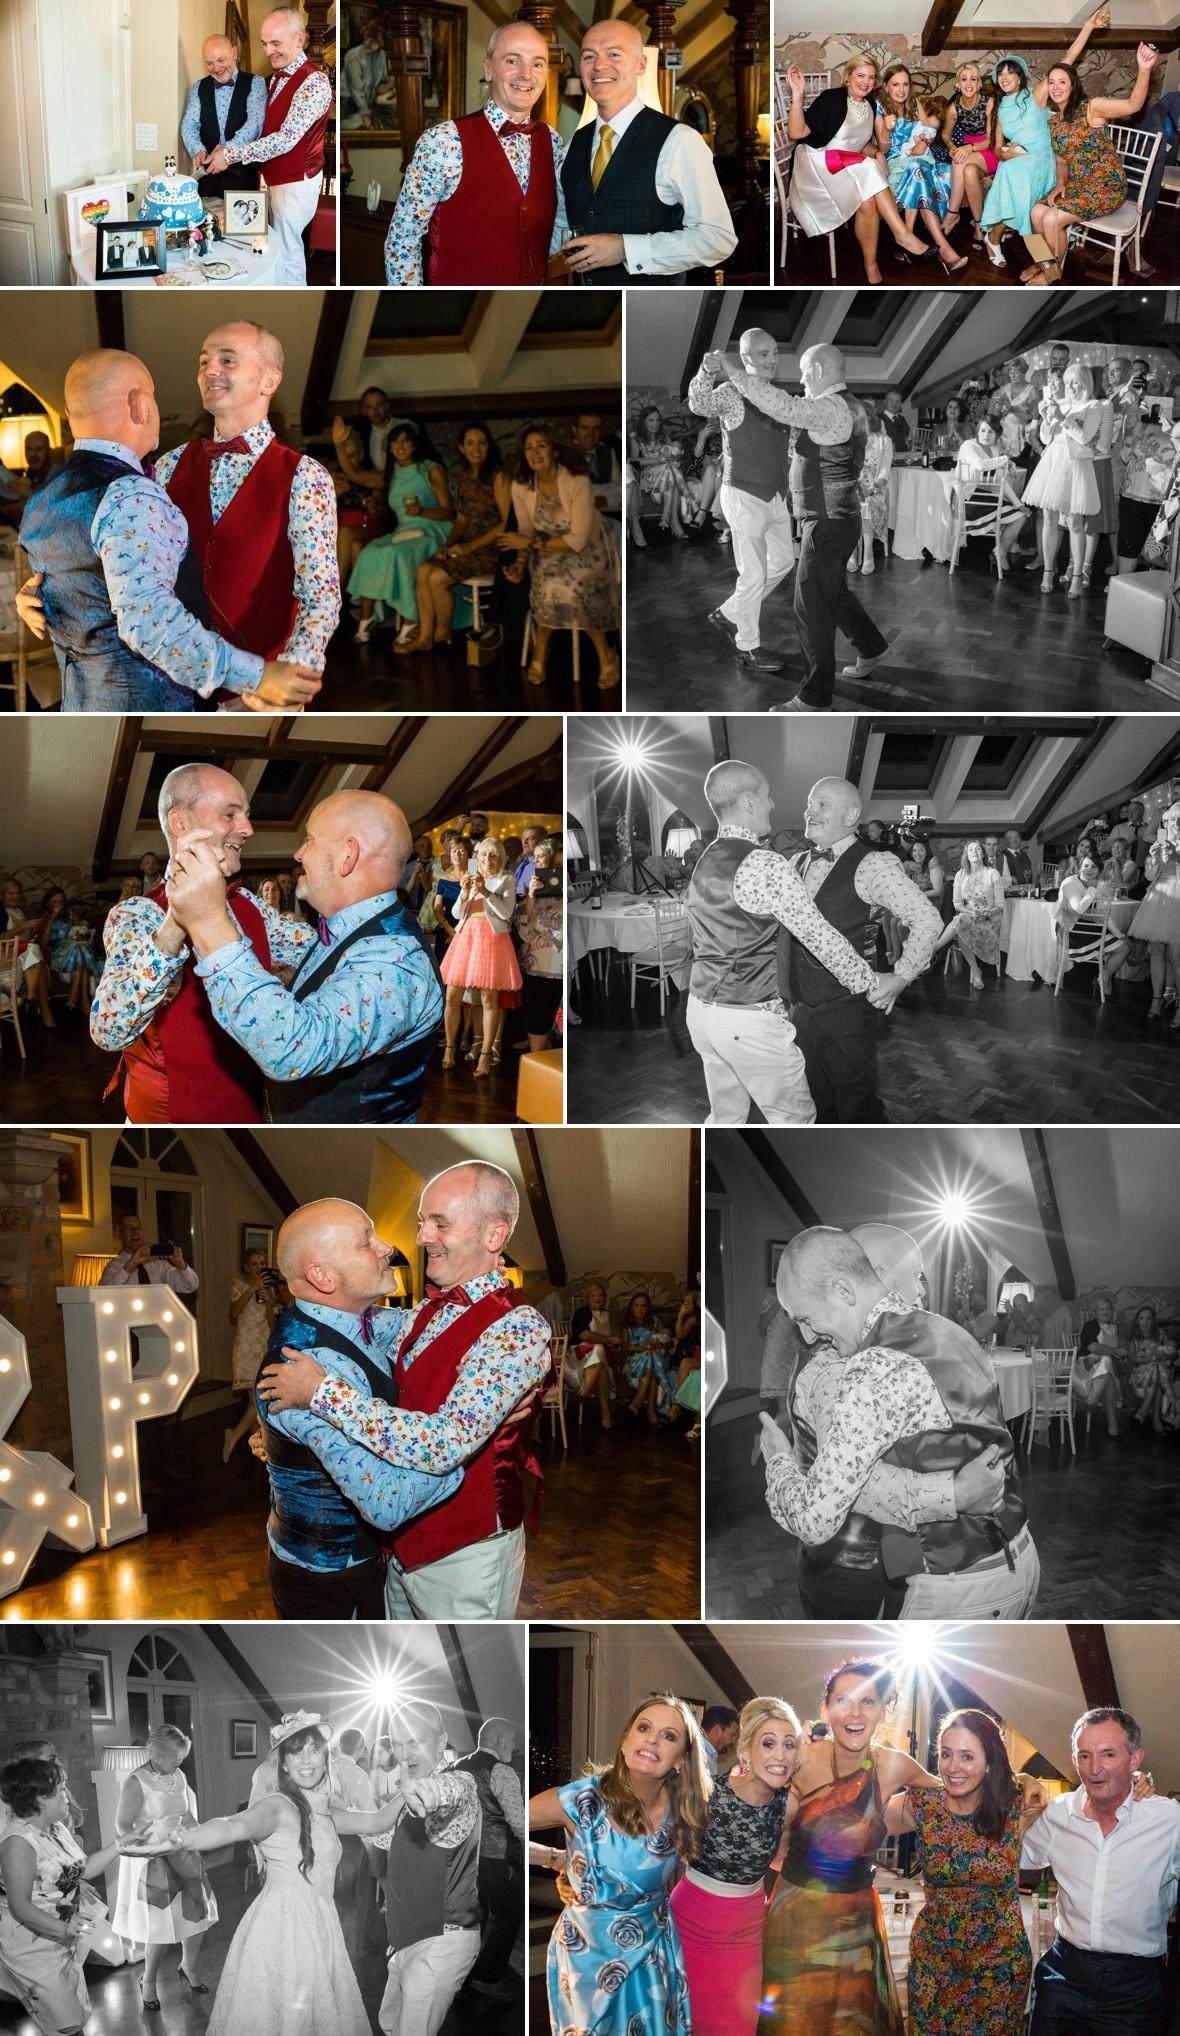 Đám cưới hạnh phúc của cặp đôi đồng tính: Tình yêu chưa bao giờ là muộn khi tìm được người đàn ông của đời mình - Ảnh 12.